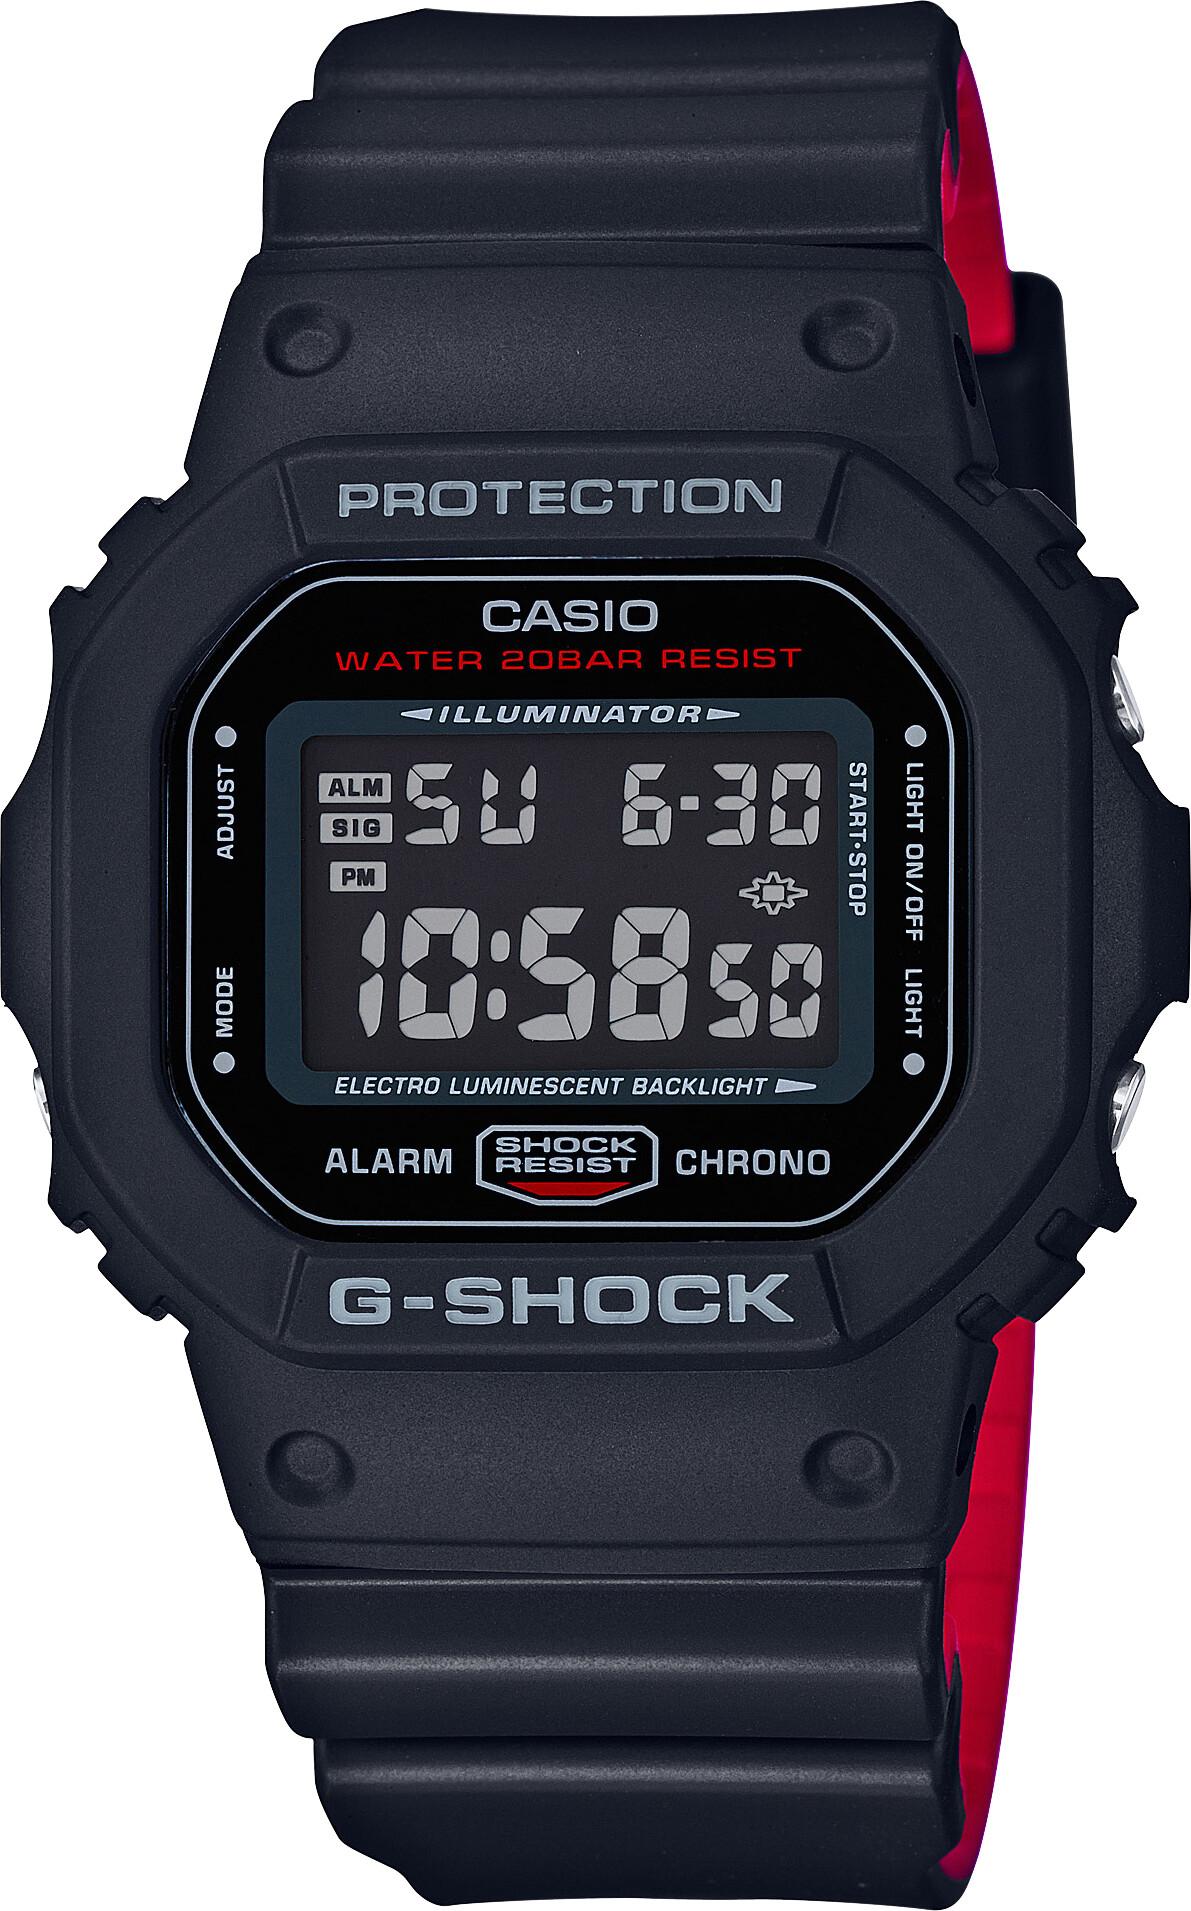 CASIO G-SHOCK DW-5600HR-1ER Ur Herrer, black (2019)   Sports watches